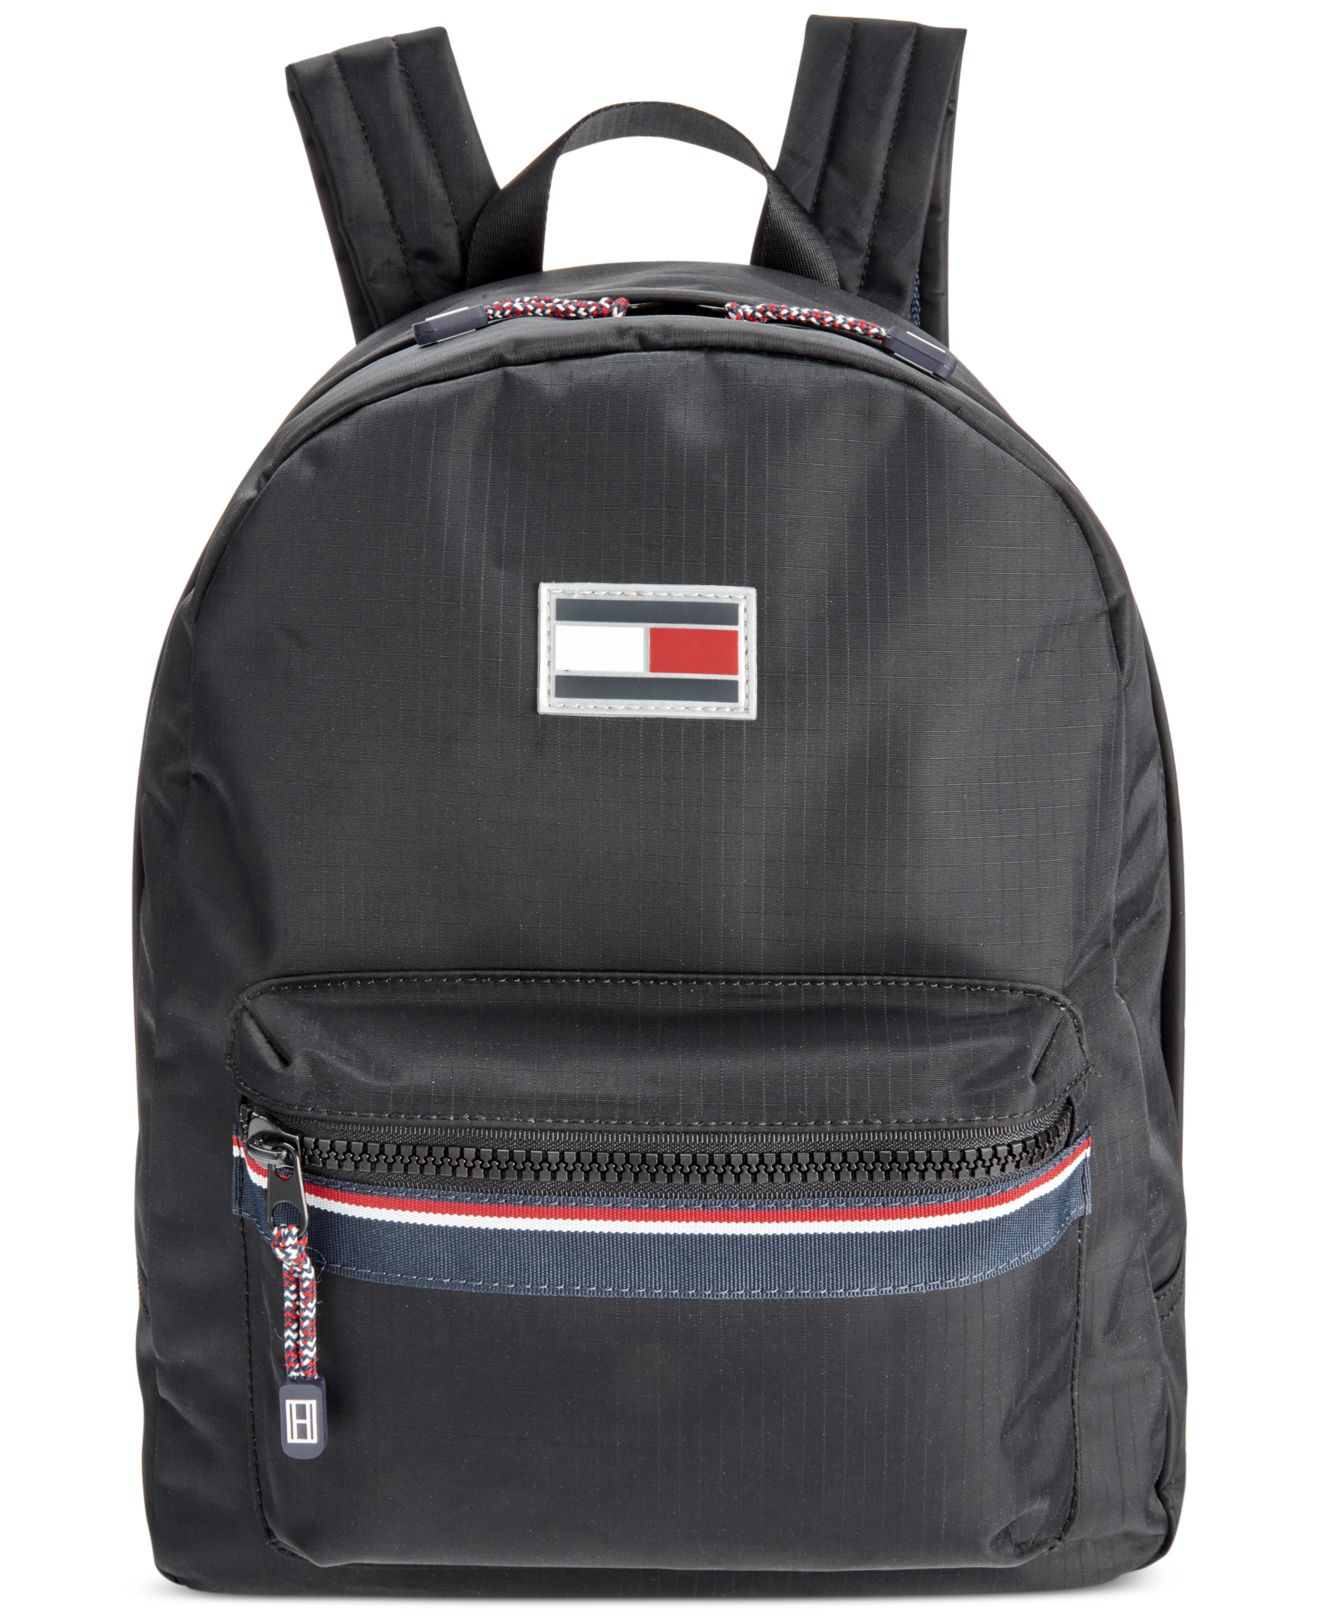 tommy hilfiger ripstop nylon backpack in black for men lyst. Black Bedroom Furniture Sets. Home Design Ideas